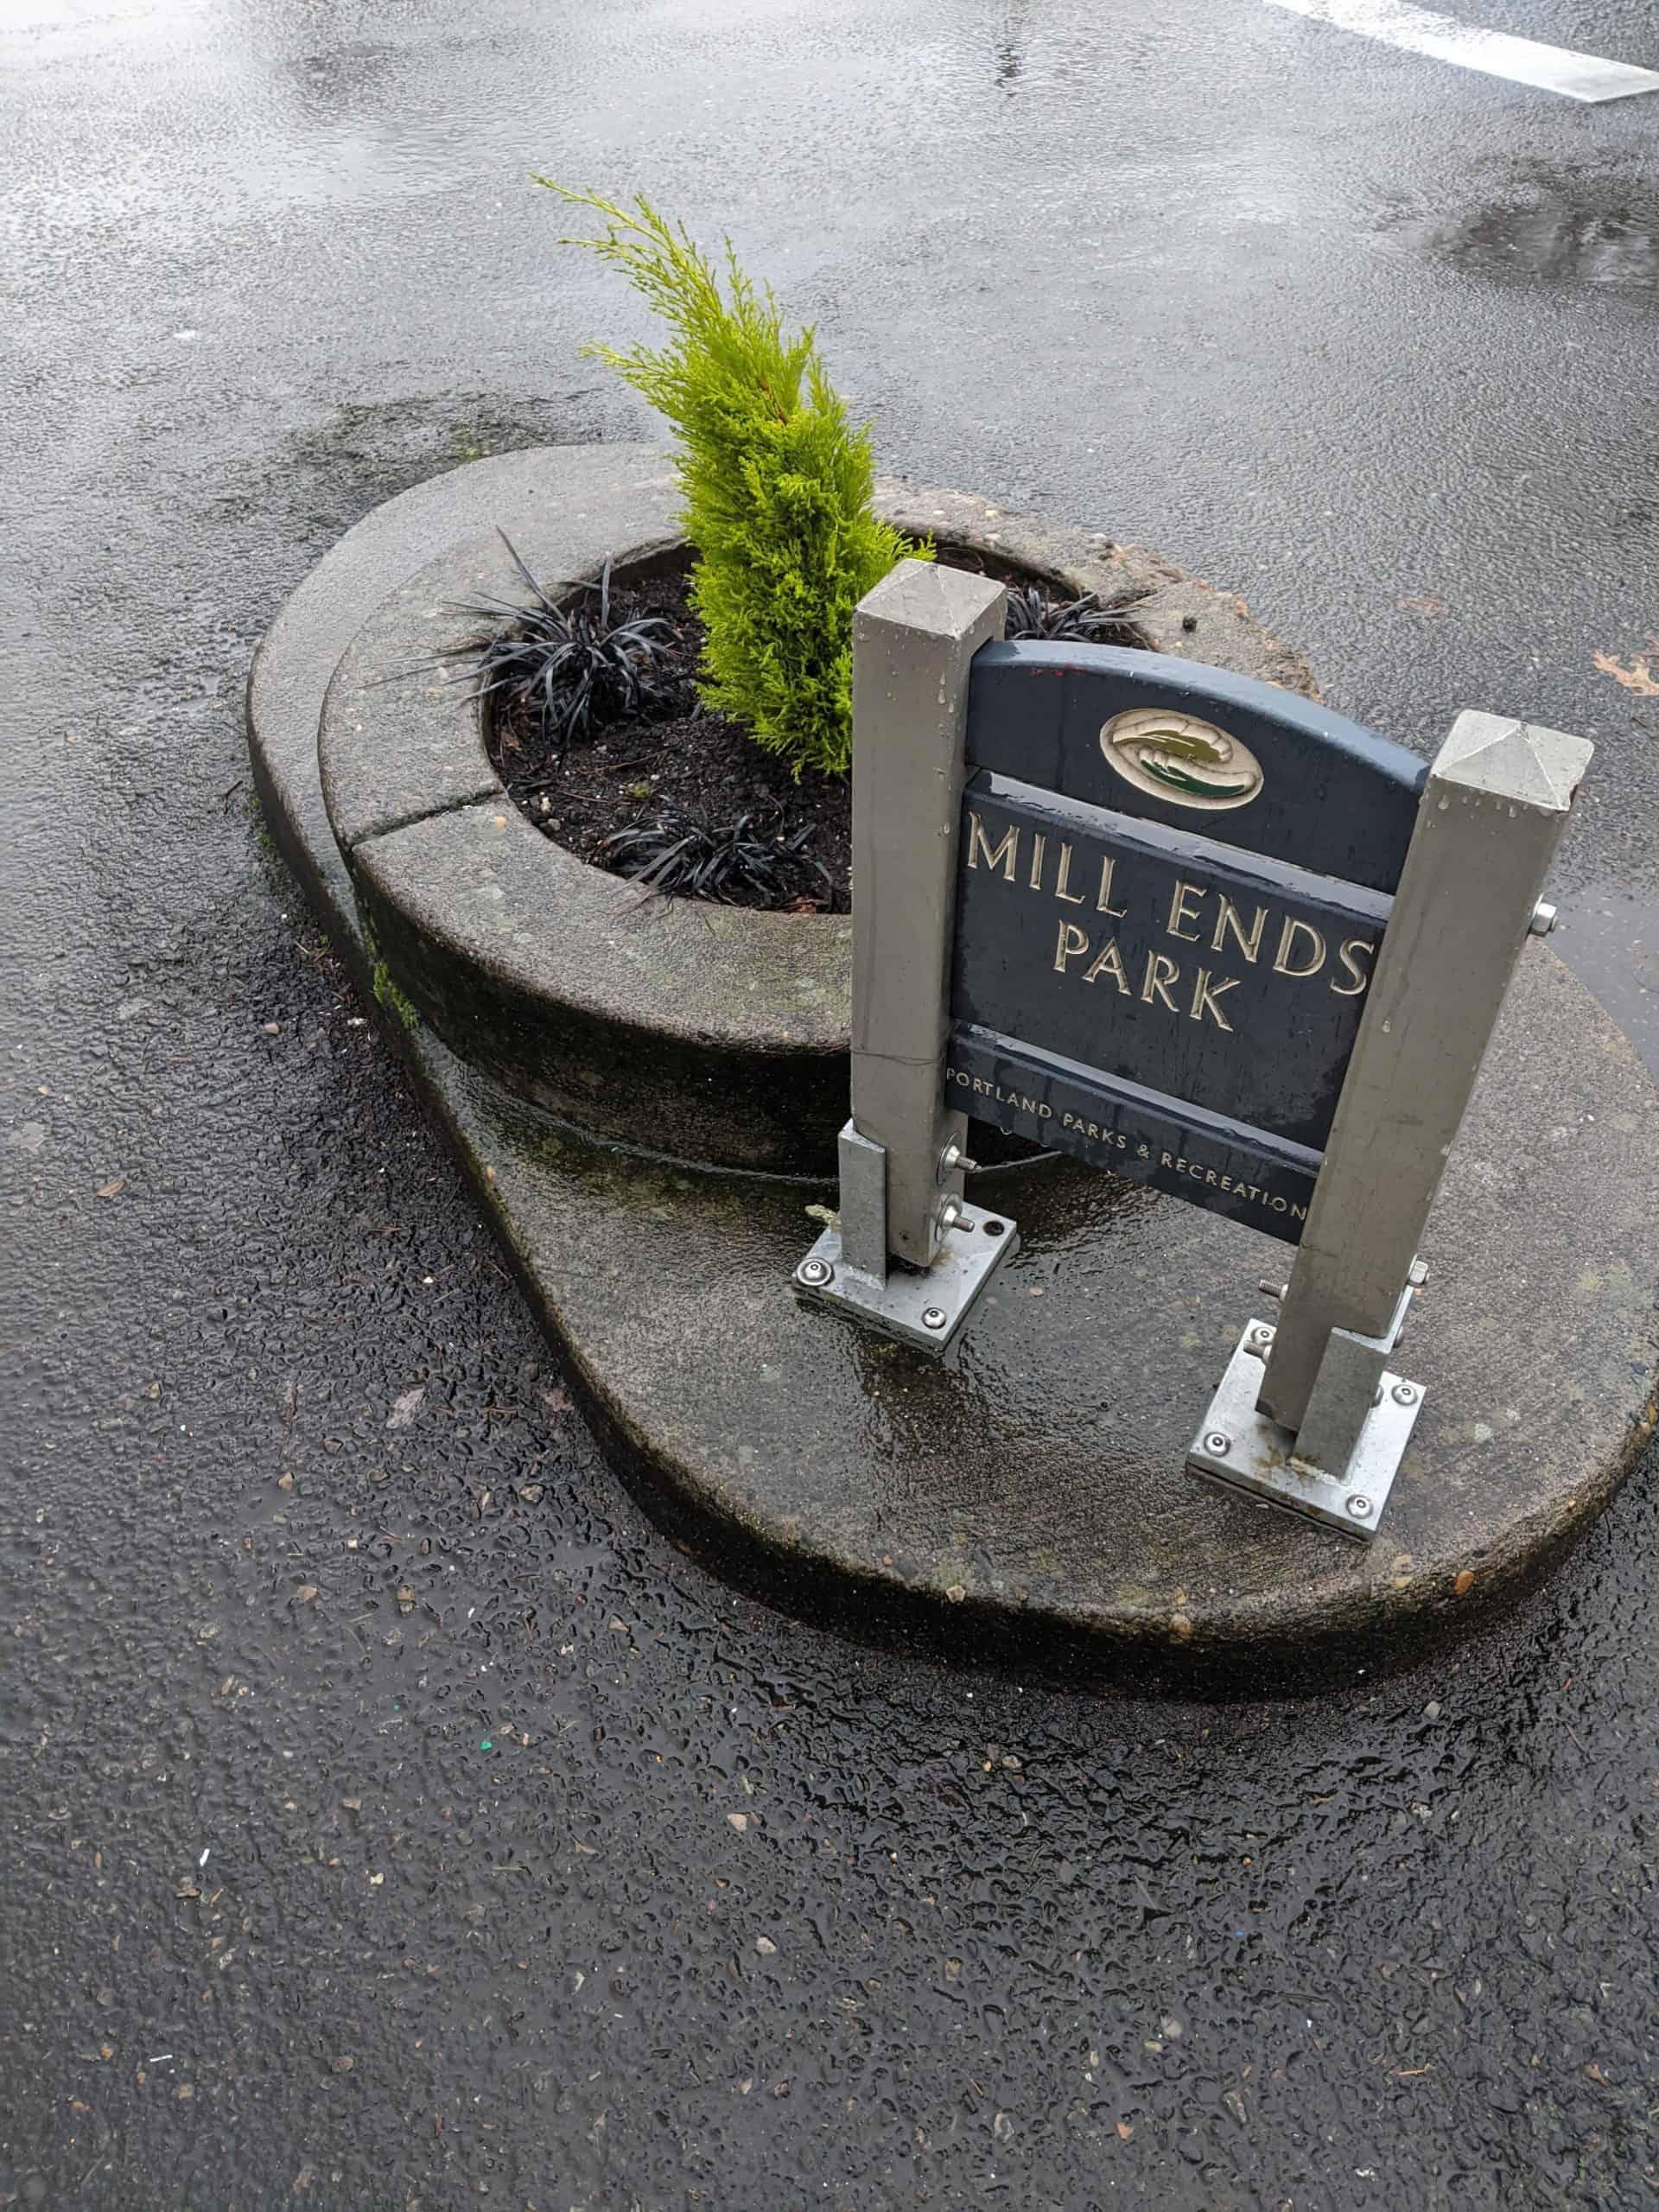 Portlanddowntowntour_Point9_mill ends park